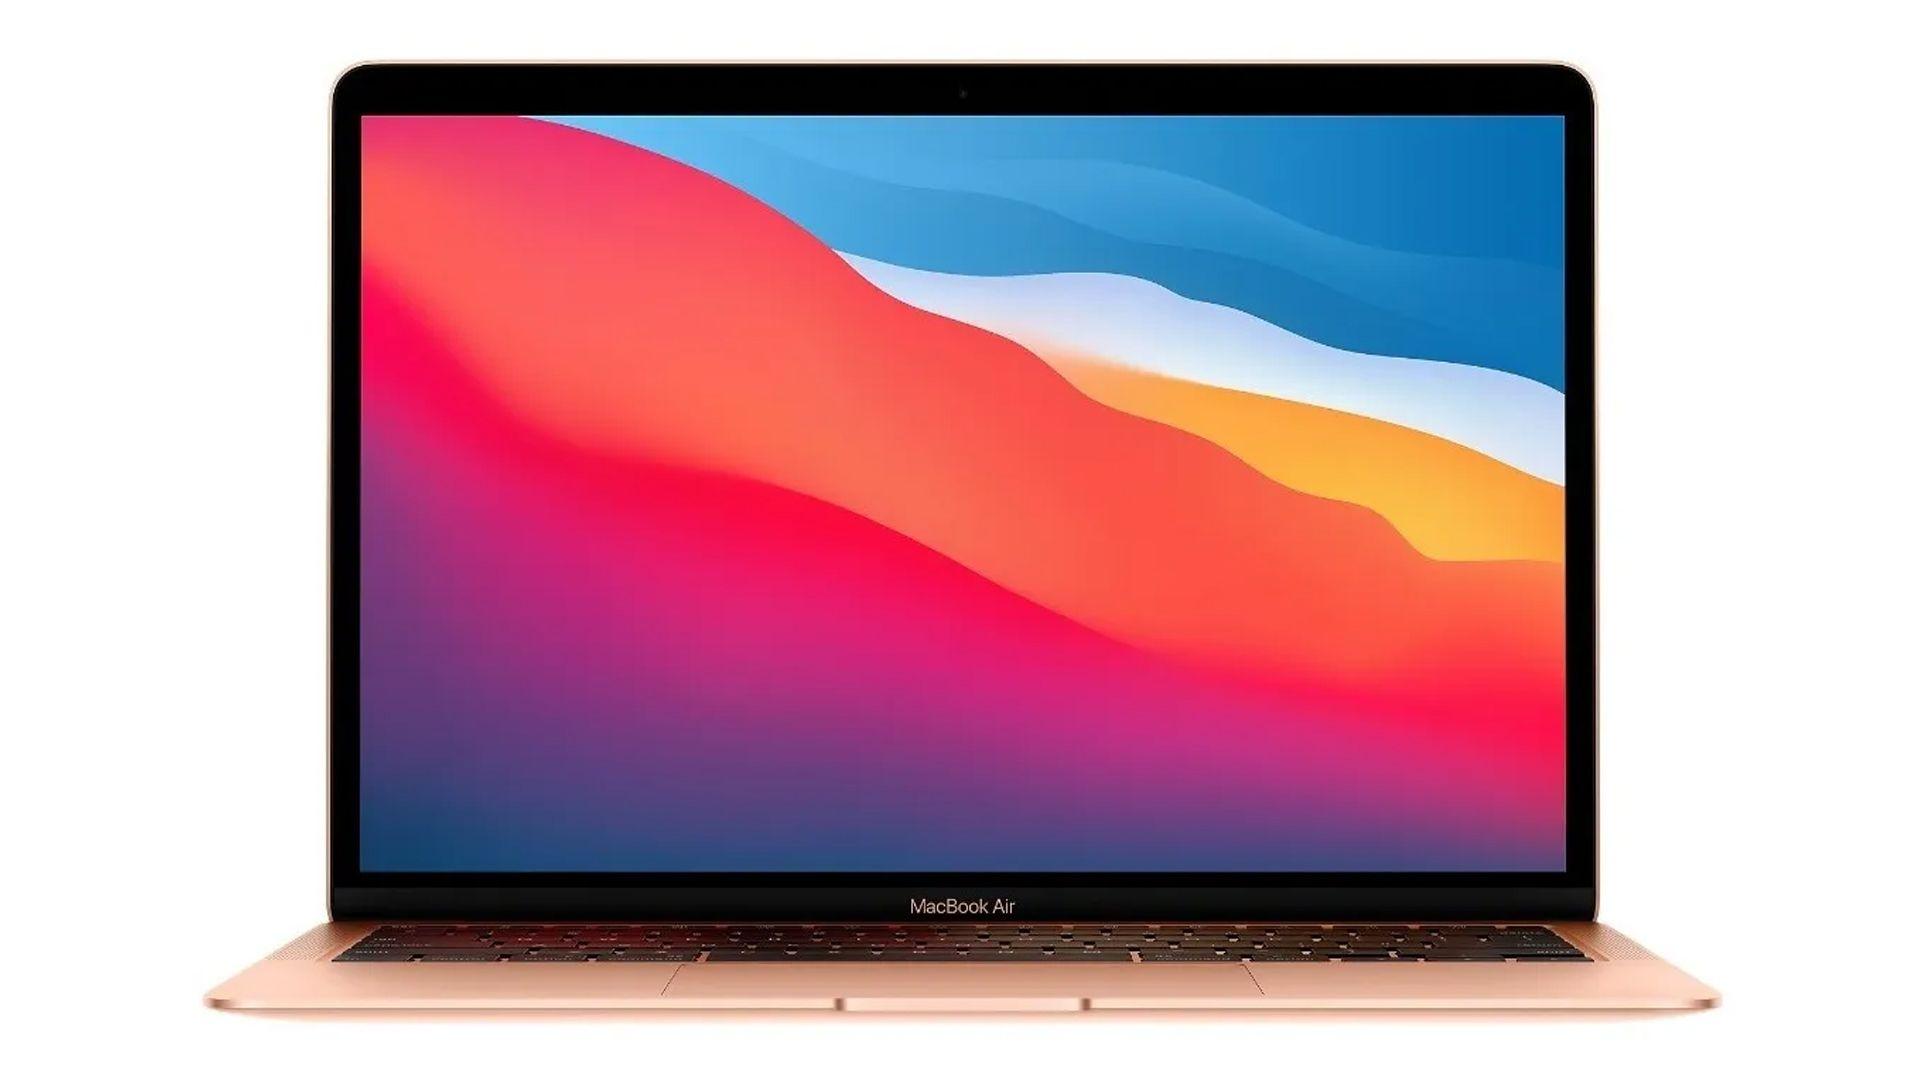 O Macbook Apple Air garante boa velocidade e desempenho. (Fonte: Reprodução)